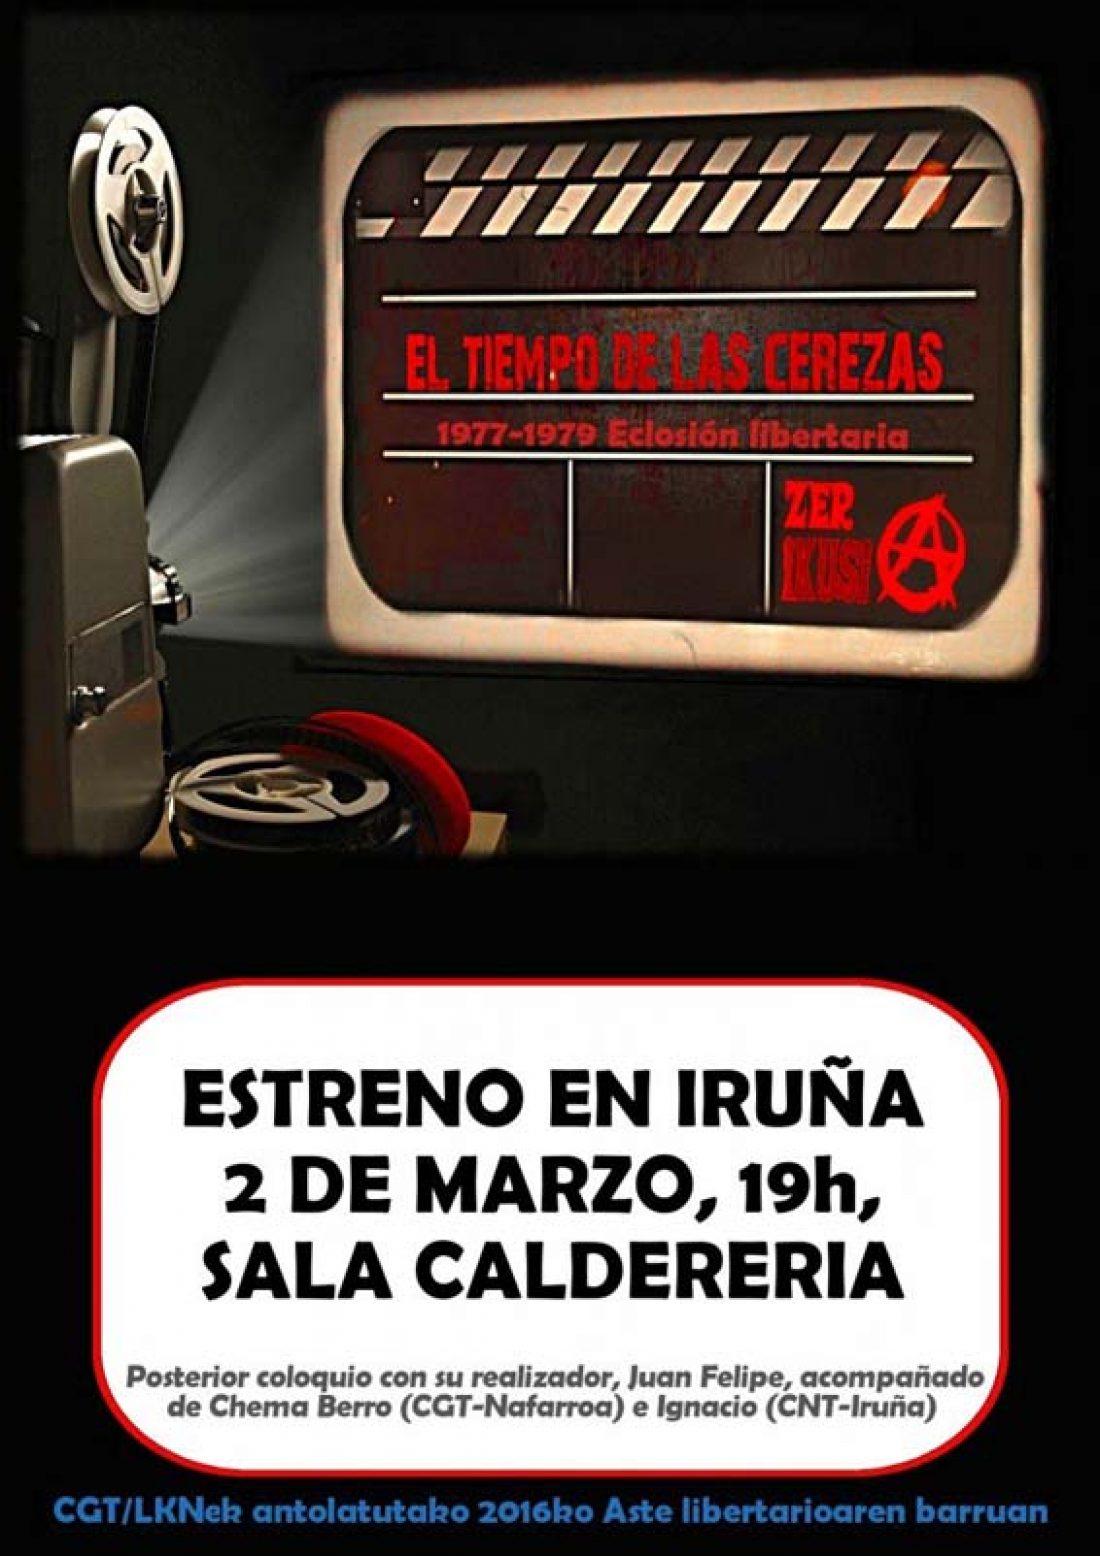 2-M: Estreno de «El tiempo de las cerezas. 1977-1979, eclosión libertaria» en Iruña